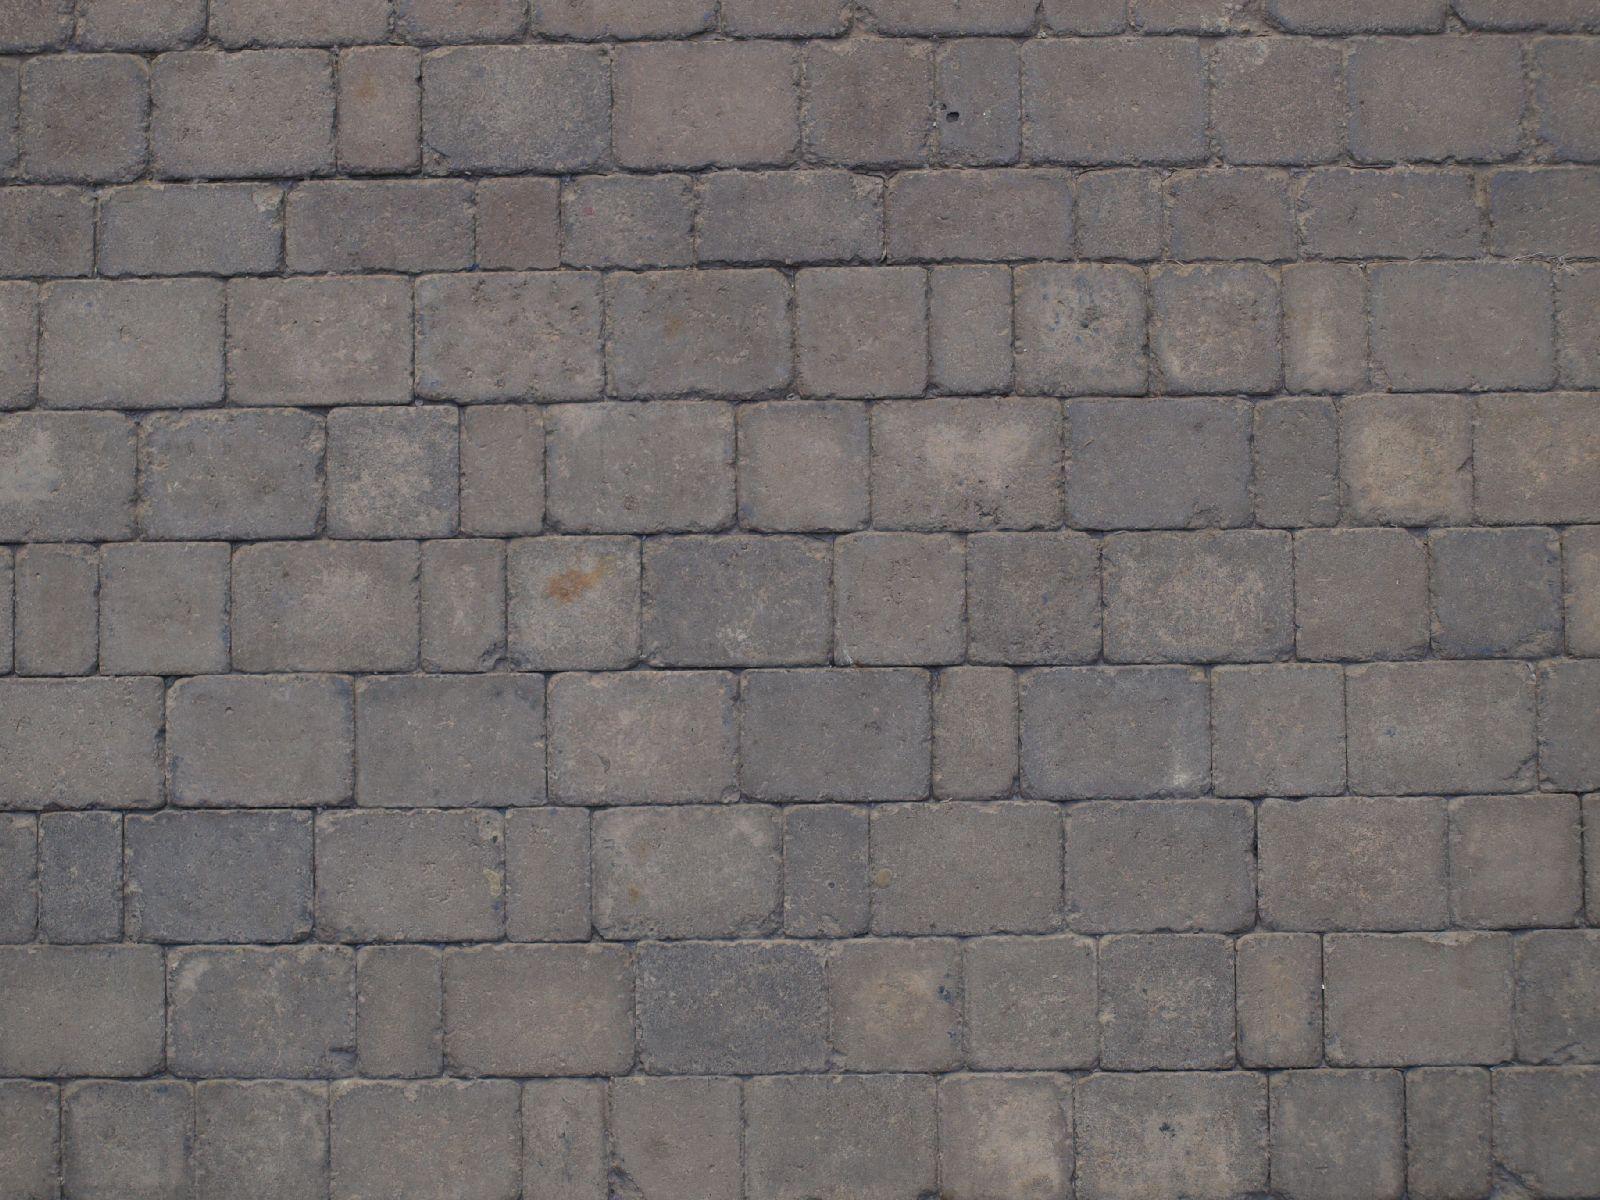 Ground-Urban_Texture_A_P5224429